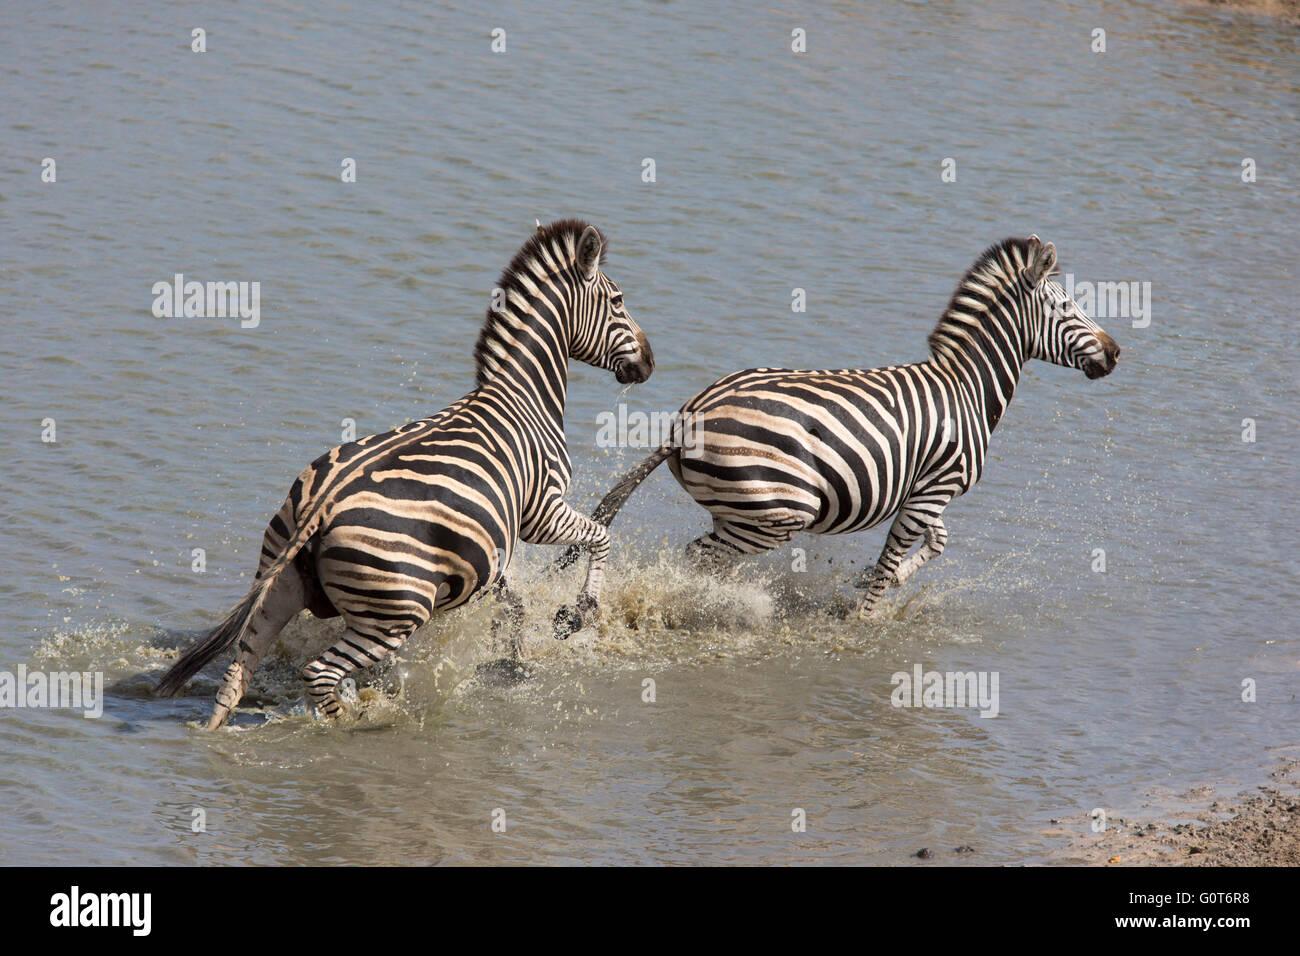 Zebras Running Through Water Burchell's Zebras Runn...